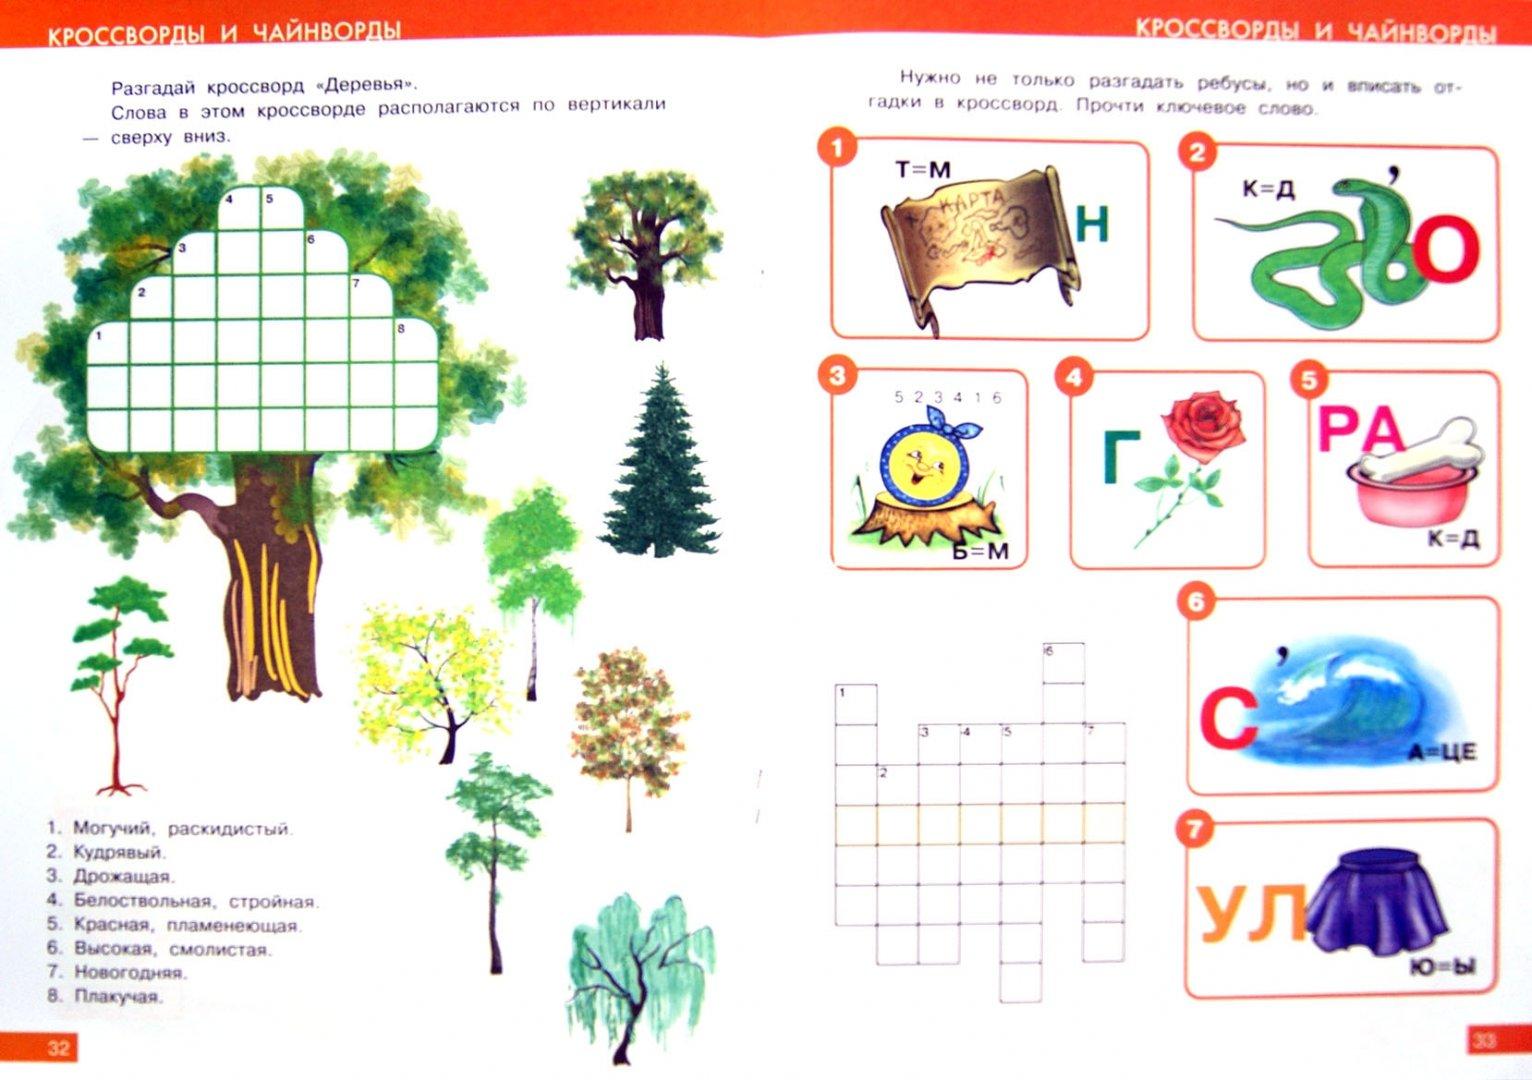 Иллюстрация 1 из 5 для Ребусы, кроссворды, головоломки | Лабиринт - книги. Источник: Лабиринт